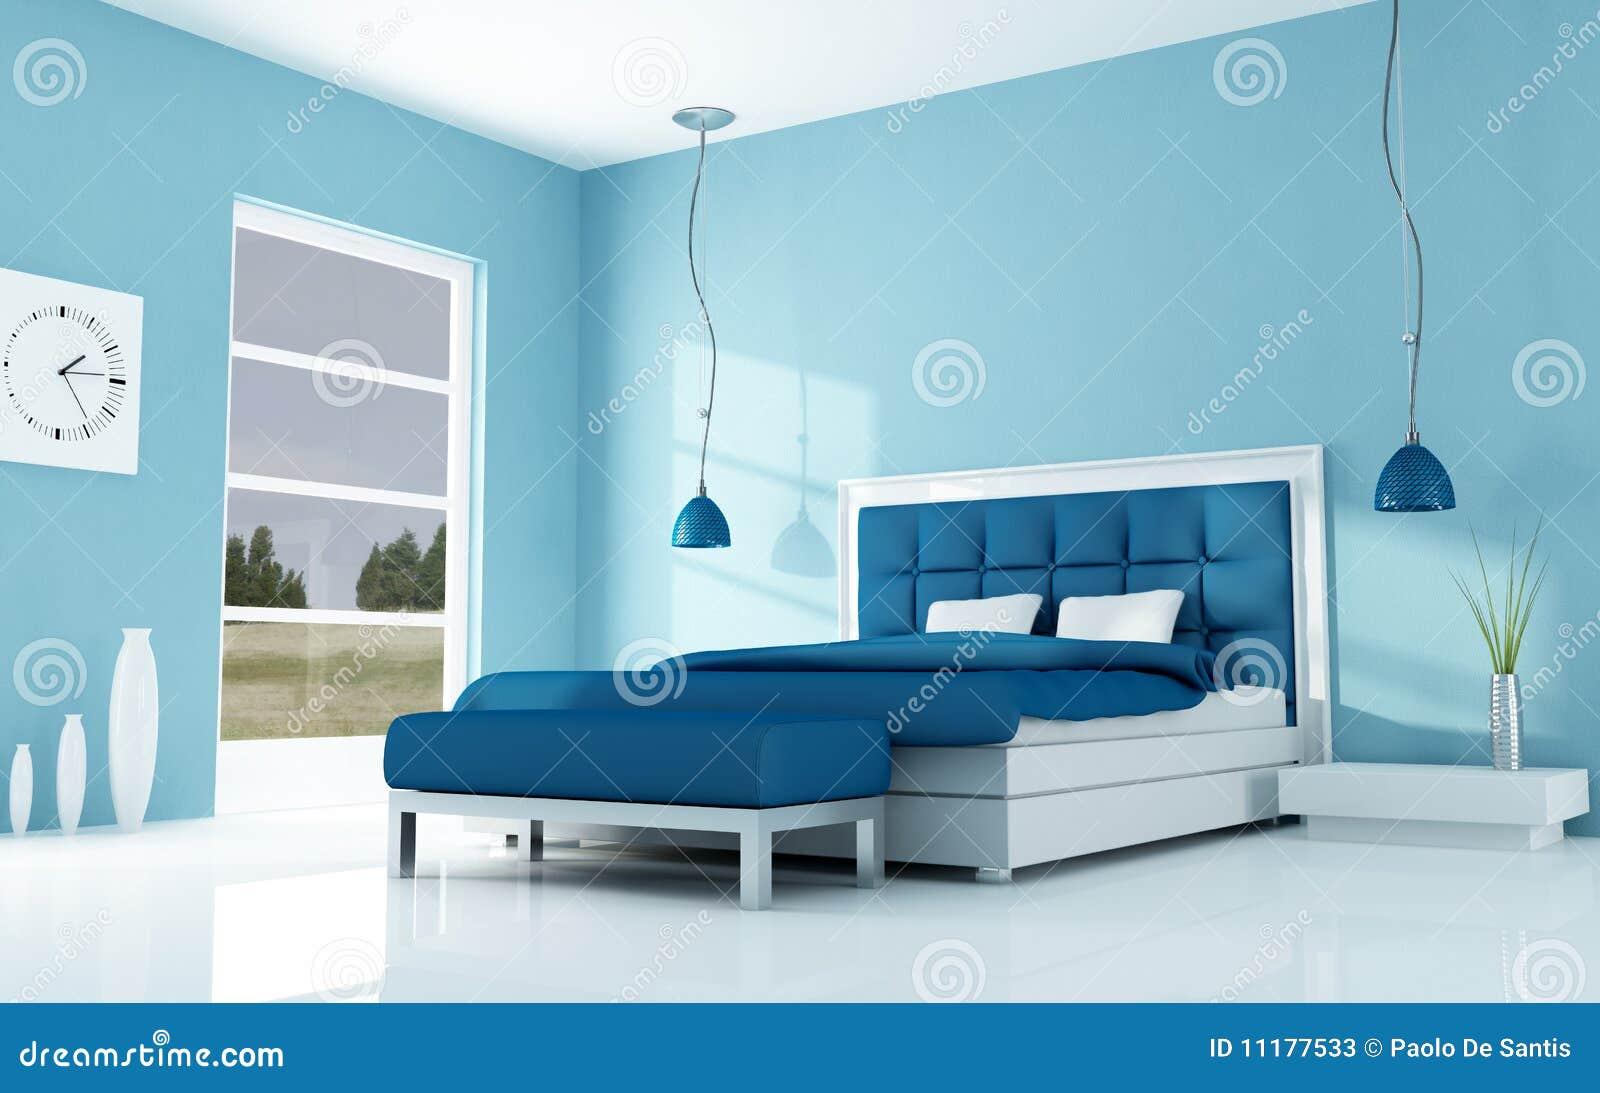 Camera Da Letto Blu : La camera da letto dell openspace u openspace